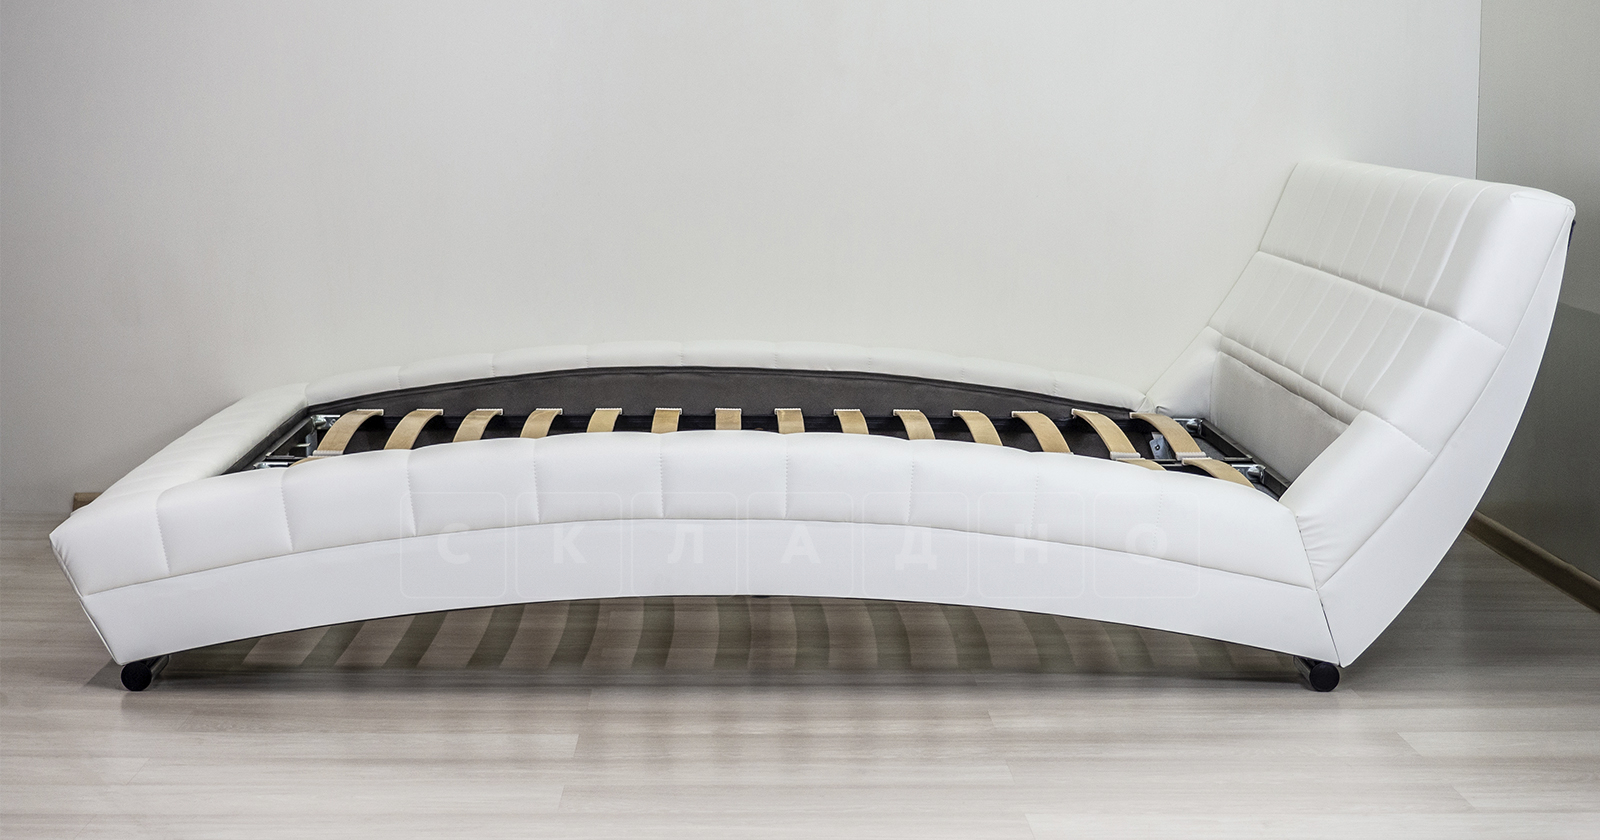 Мягкая кровать Оливия 160 см экокожа белый фото 6 | интернет-магазин Складно